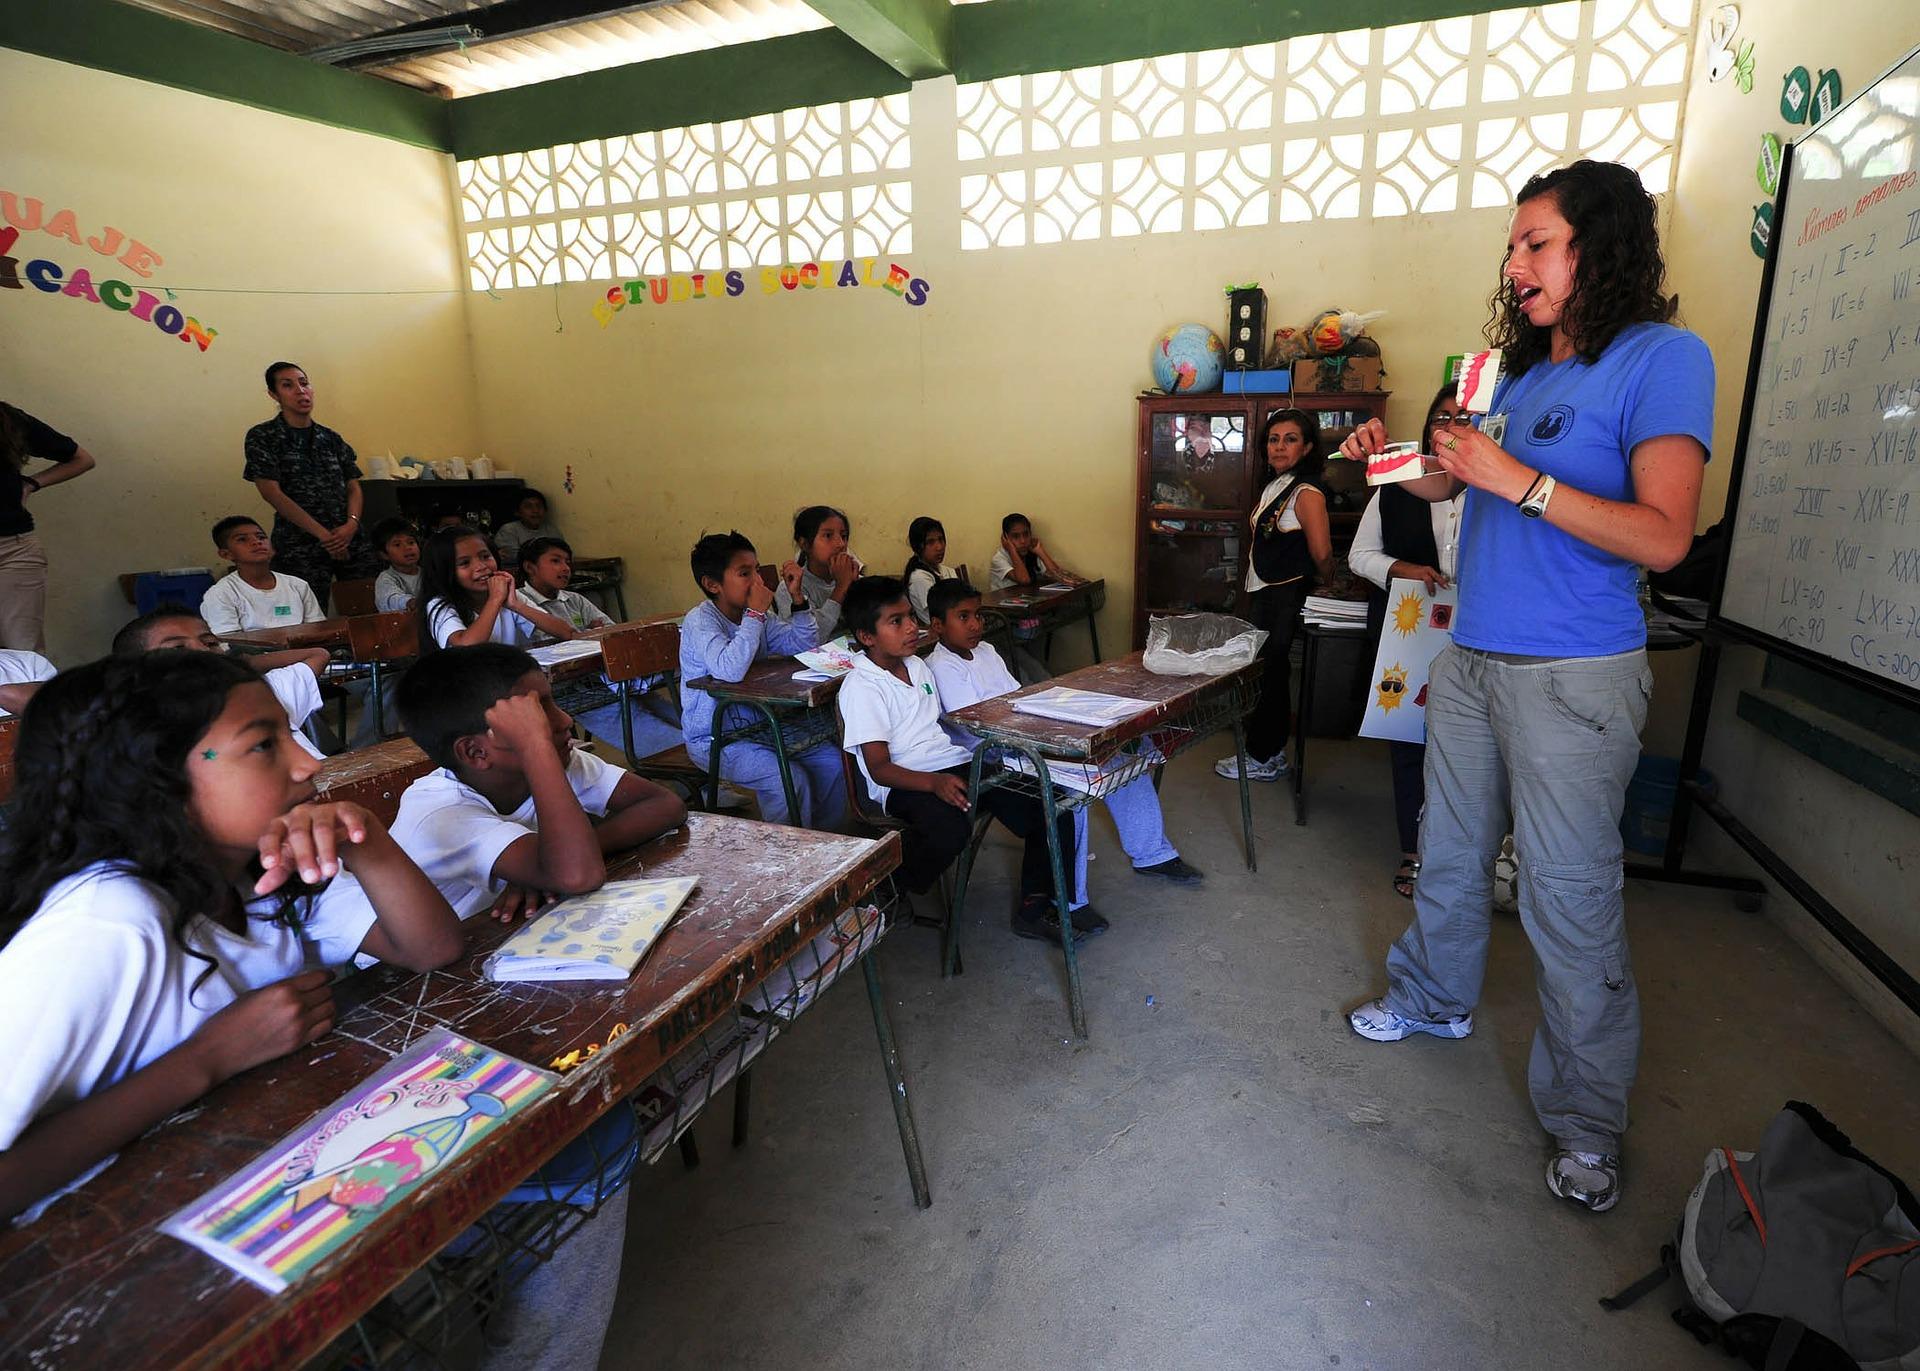 教師と児童のイメージ画像